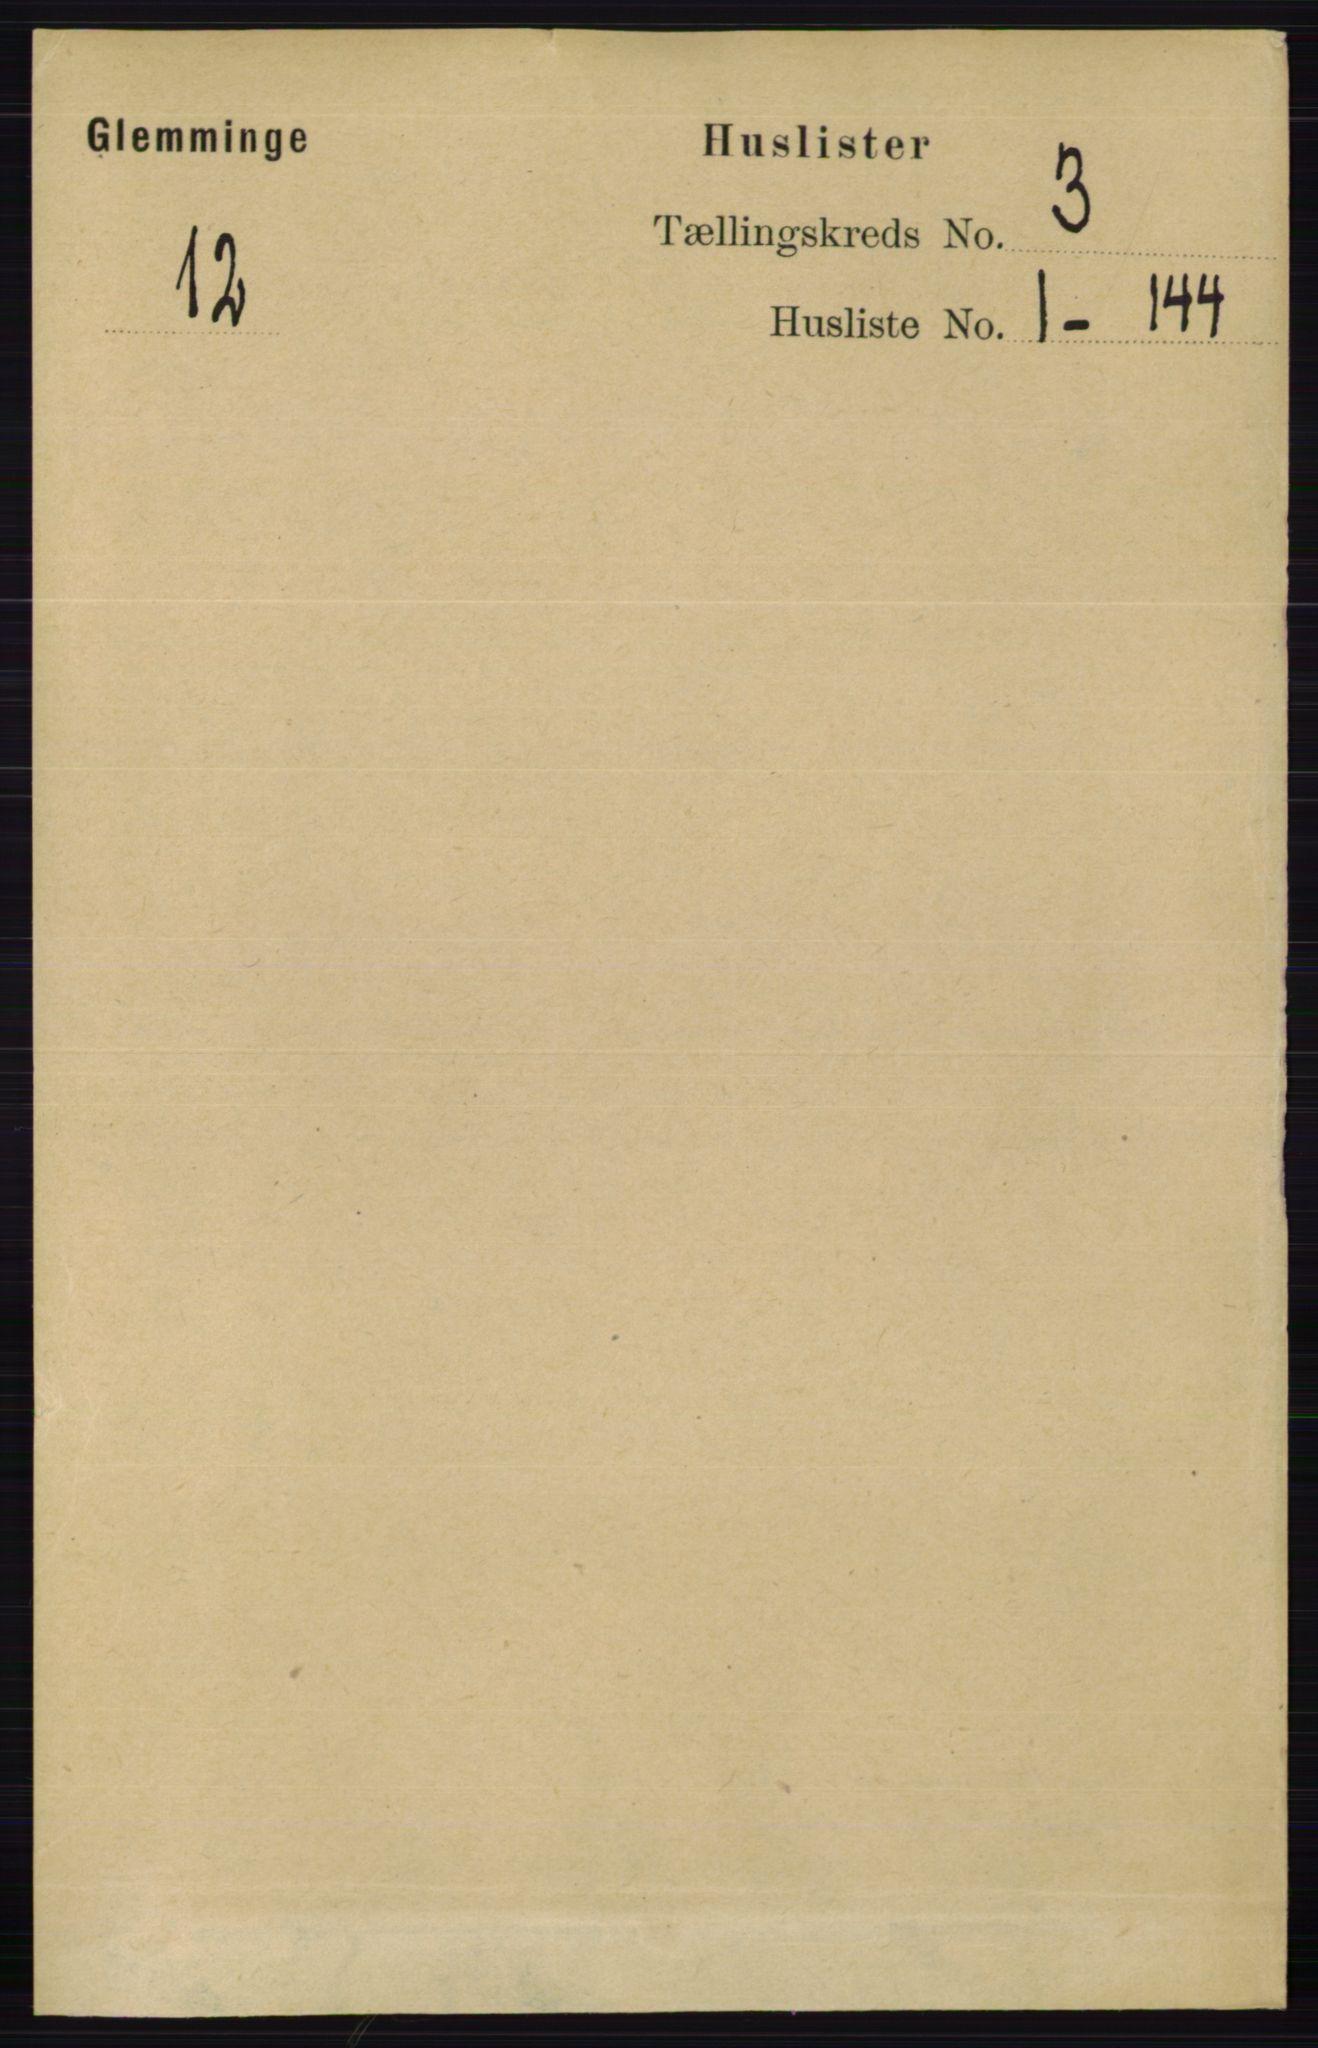 RA, Folketelling 1891 for 0132 Glemmen herred, 1891, s. 1789